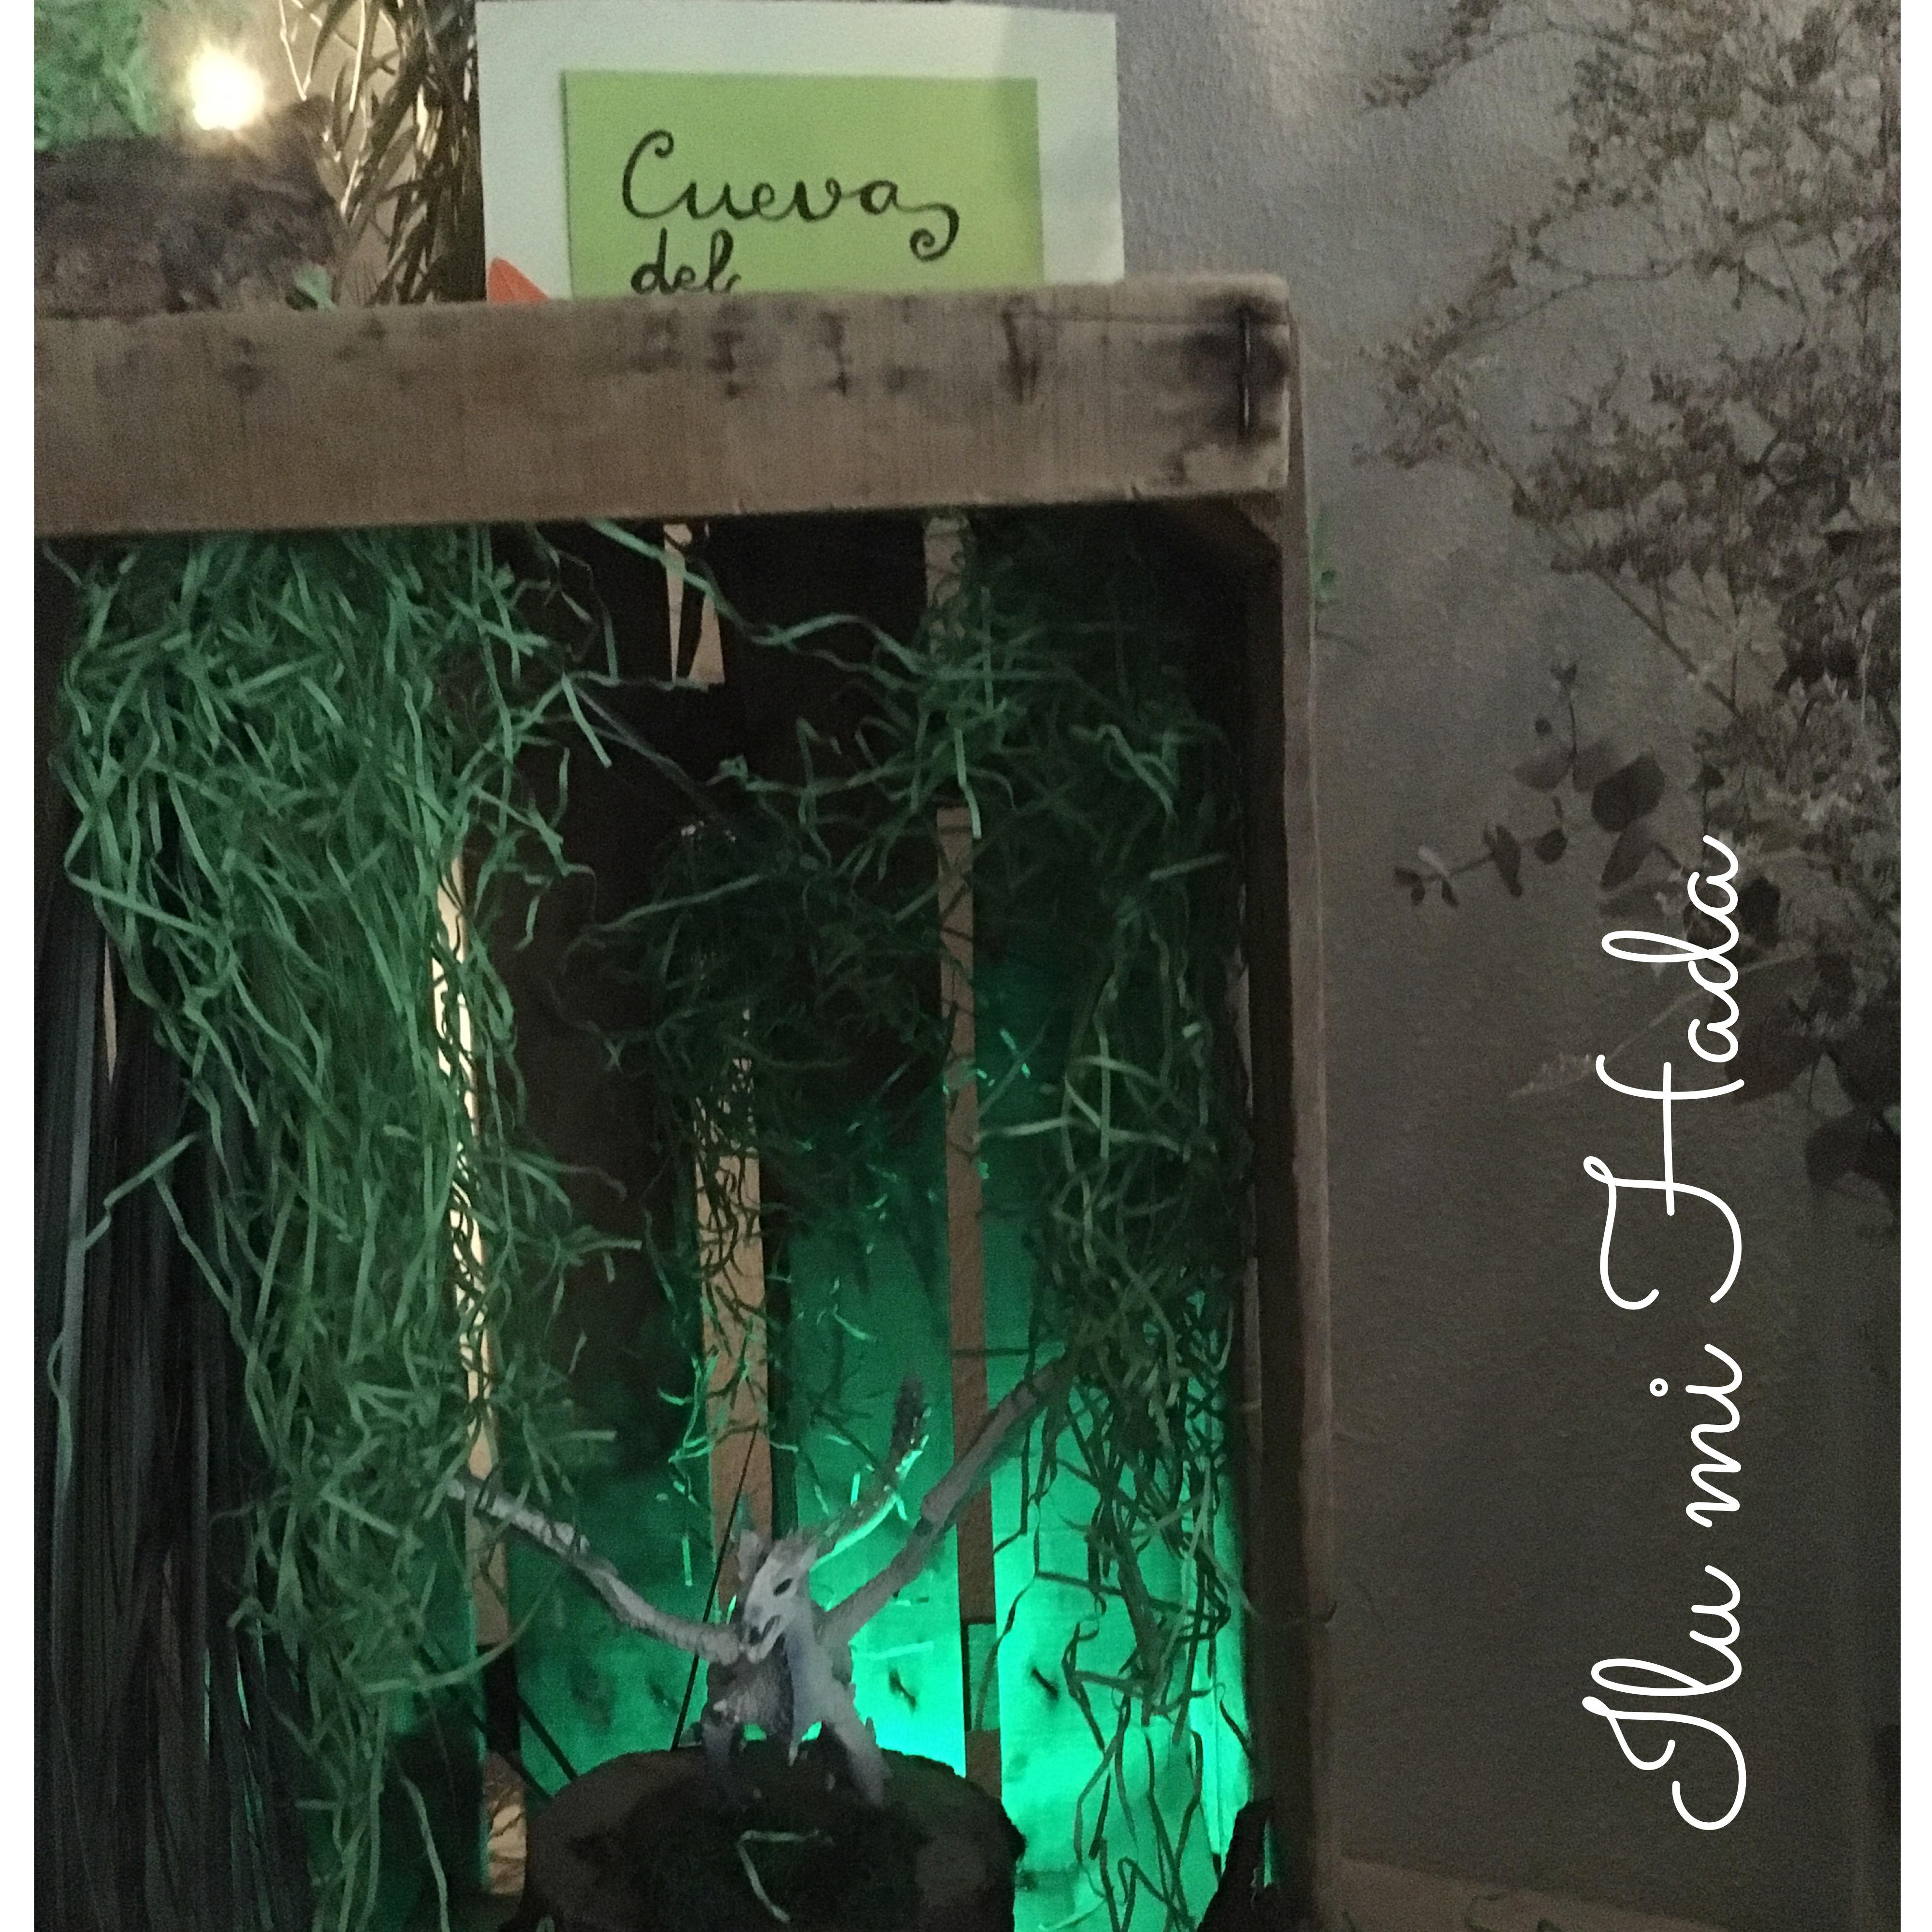 22. Cueva del dragón iluminada